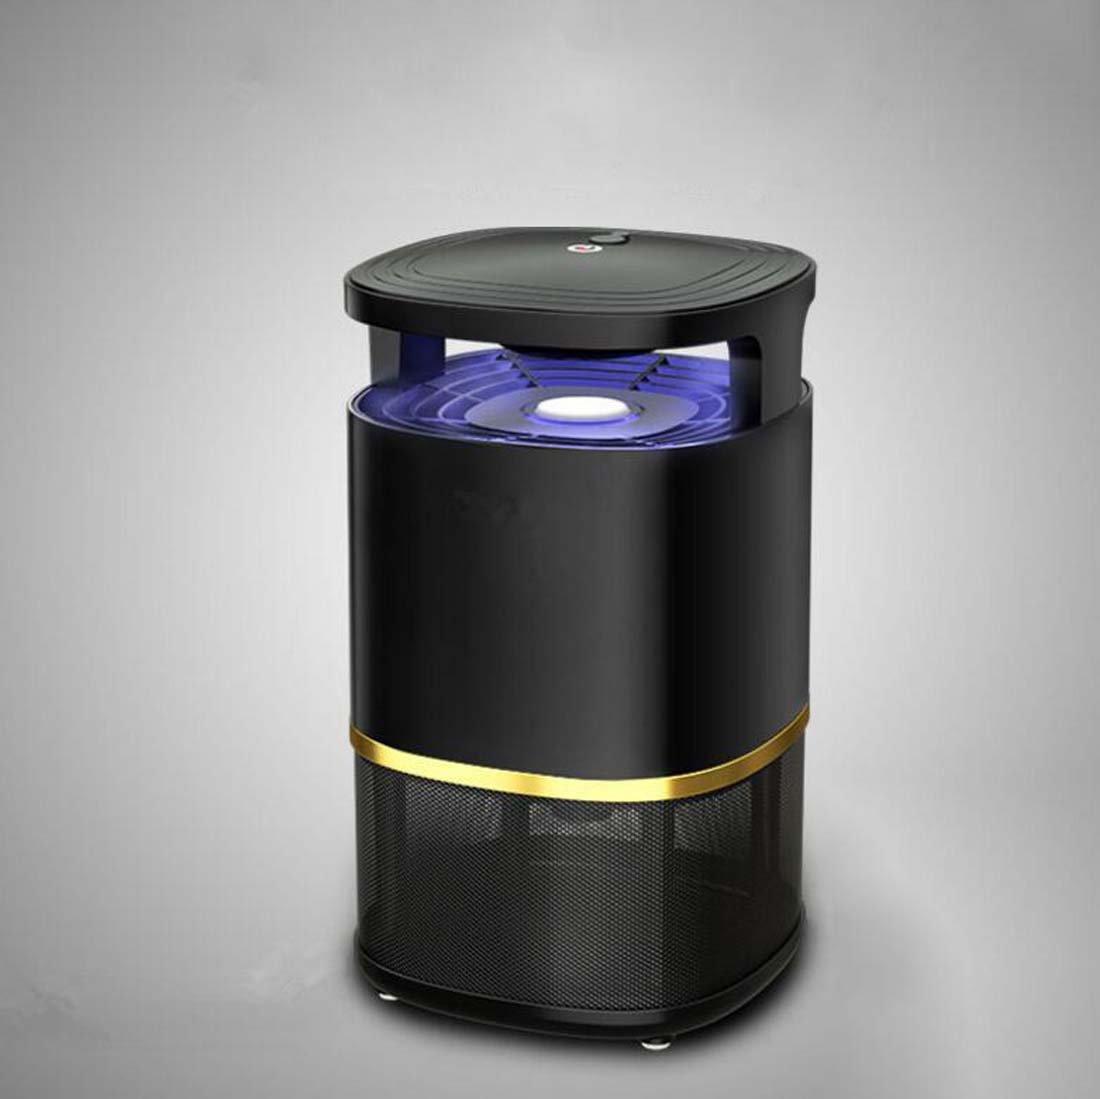 Repellente per insetti Mosquito Killer fotocatalizzatore, LED Smart Control USB Mosquito Killer, casa Incinta e Baby Mosquito Killer 19.0 Cm  19.0 Cm  26.0 Cm (colore   Nero)